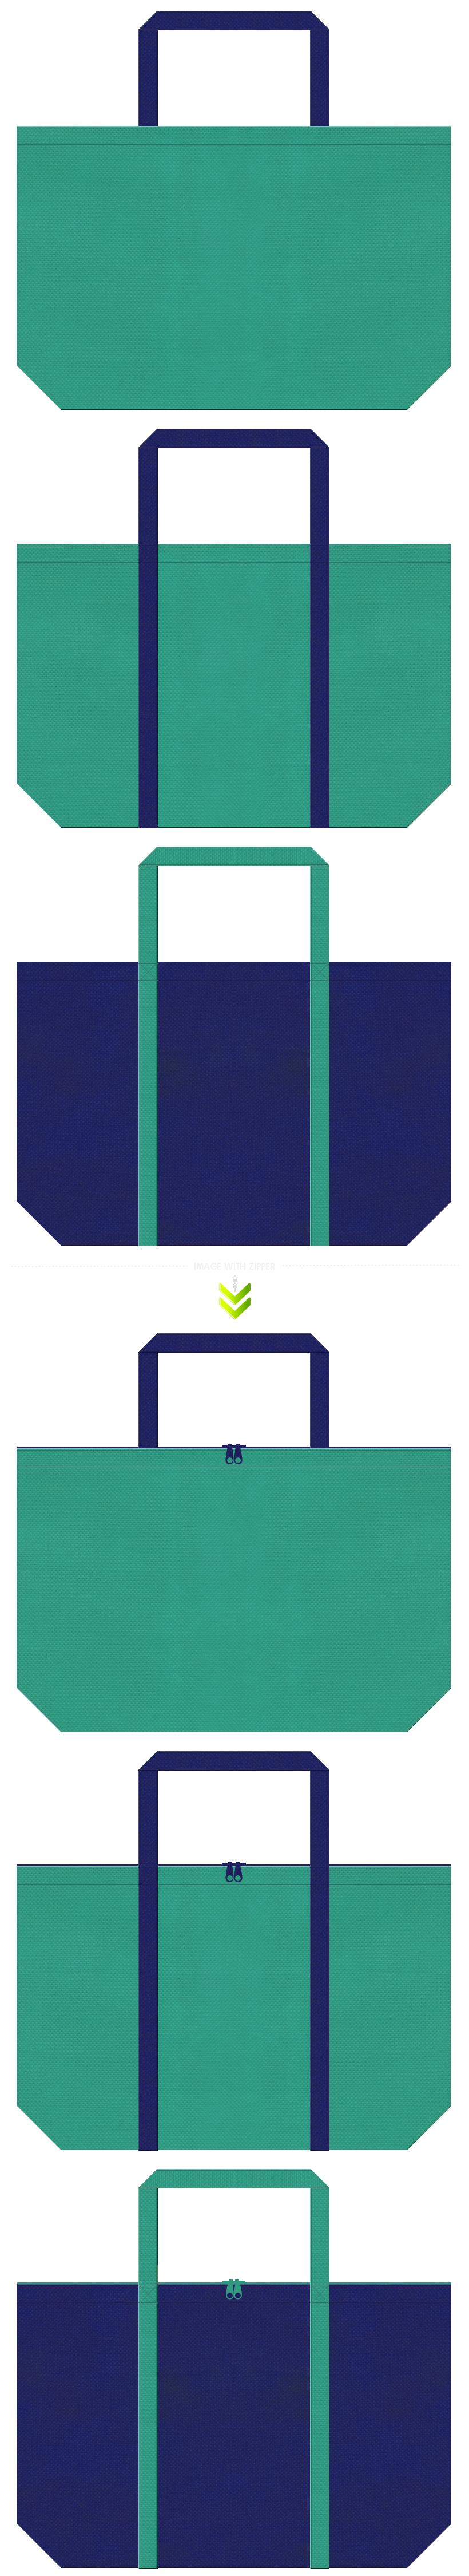 春夏・マリンルック・リーフ・ダイビング・釣具・渓流・湖面・ユニフォーム・運動靴・アウトドア・スポーツ用品のショッピングバッグ・ランドリーバッグにお奨めの不織布バッグデザイン:青緑色と明るい紺色のコーデ